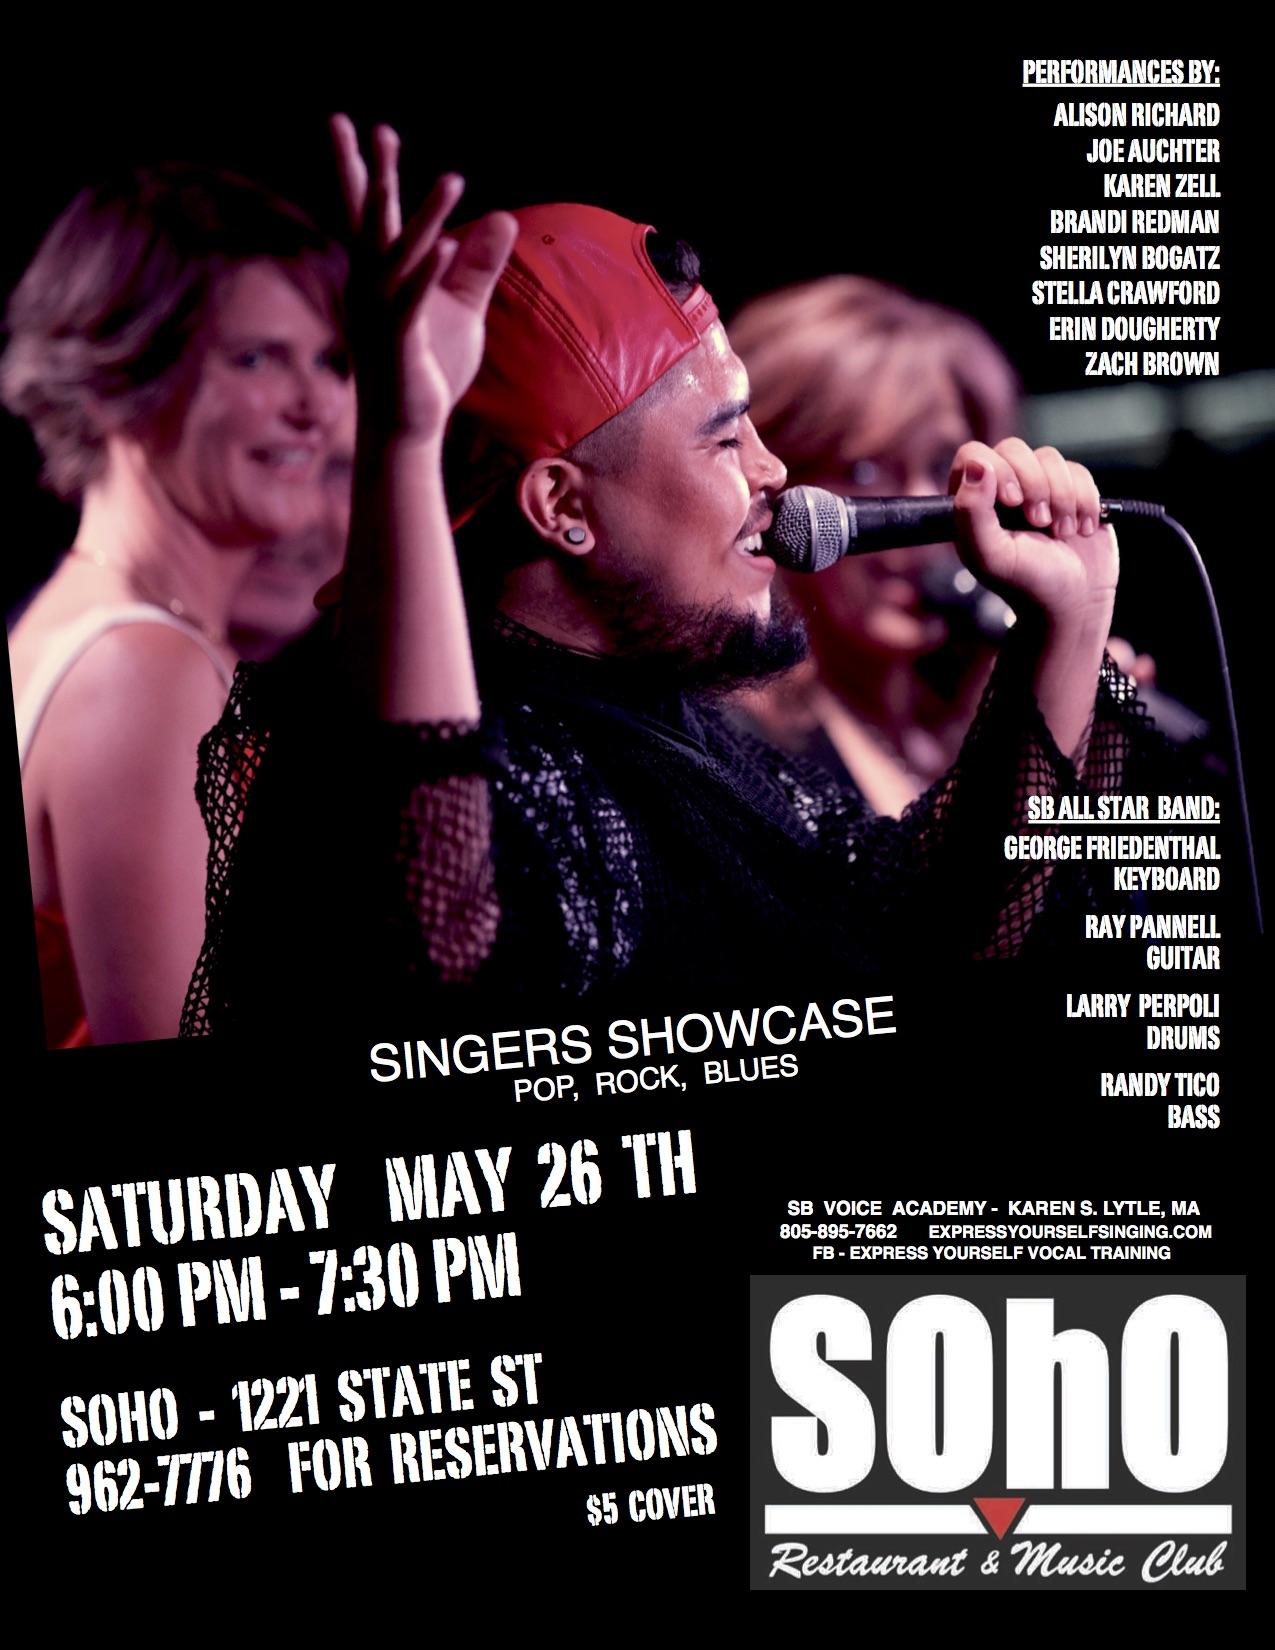 SBVA Singer Showcase @ Soho 5/26/18 6pm